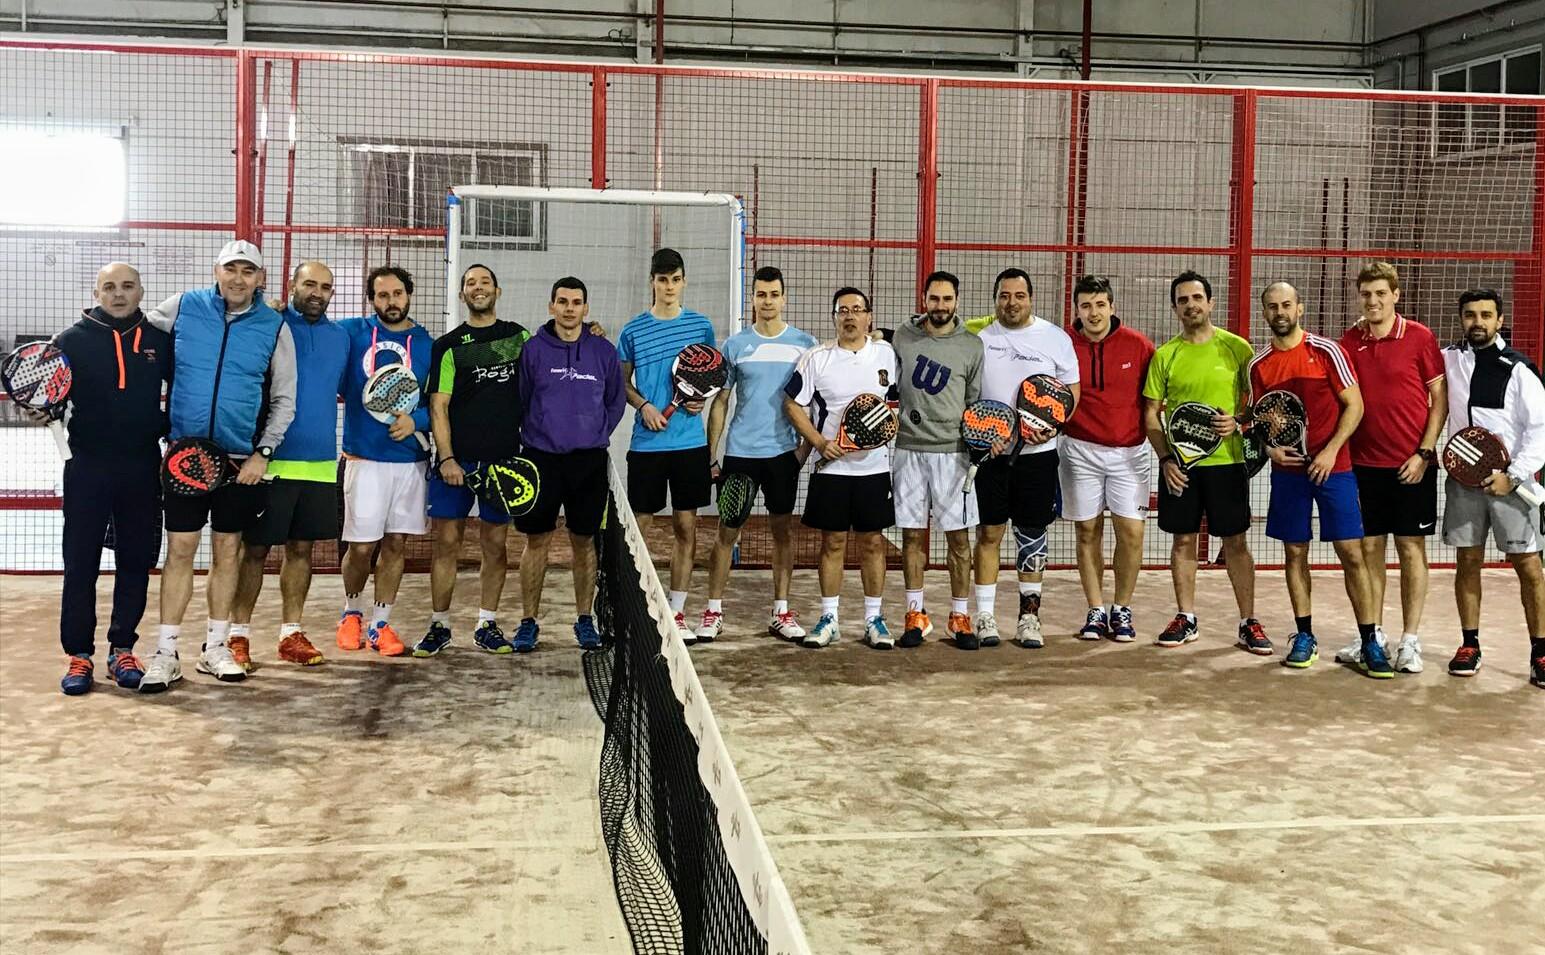 Celebrado el torneo TP WEEKEND en el centro deportivo TeamPadel de Manzanares